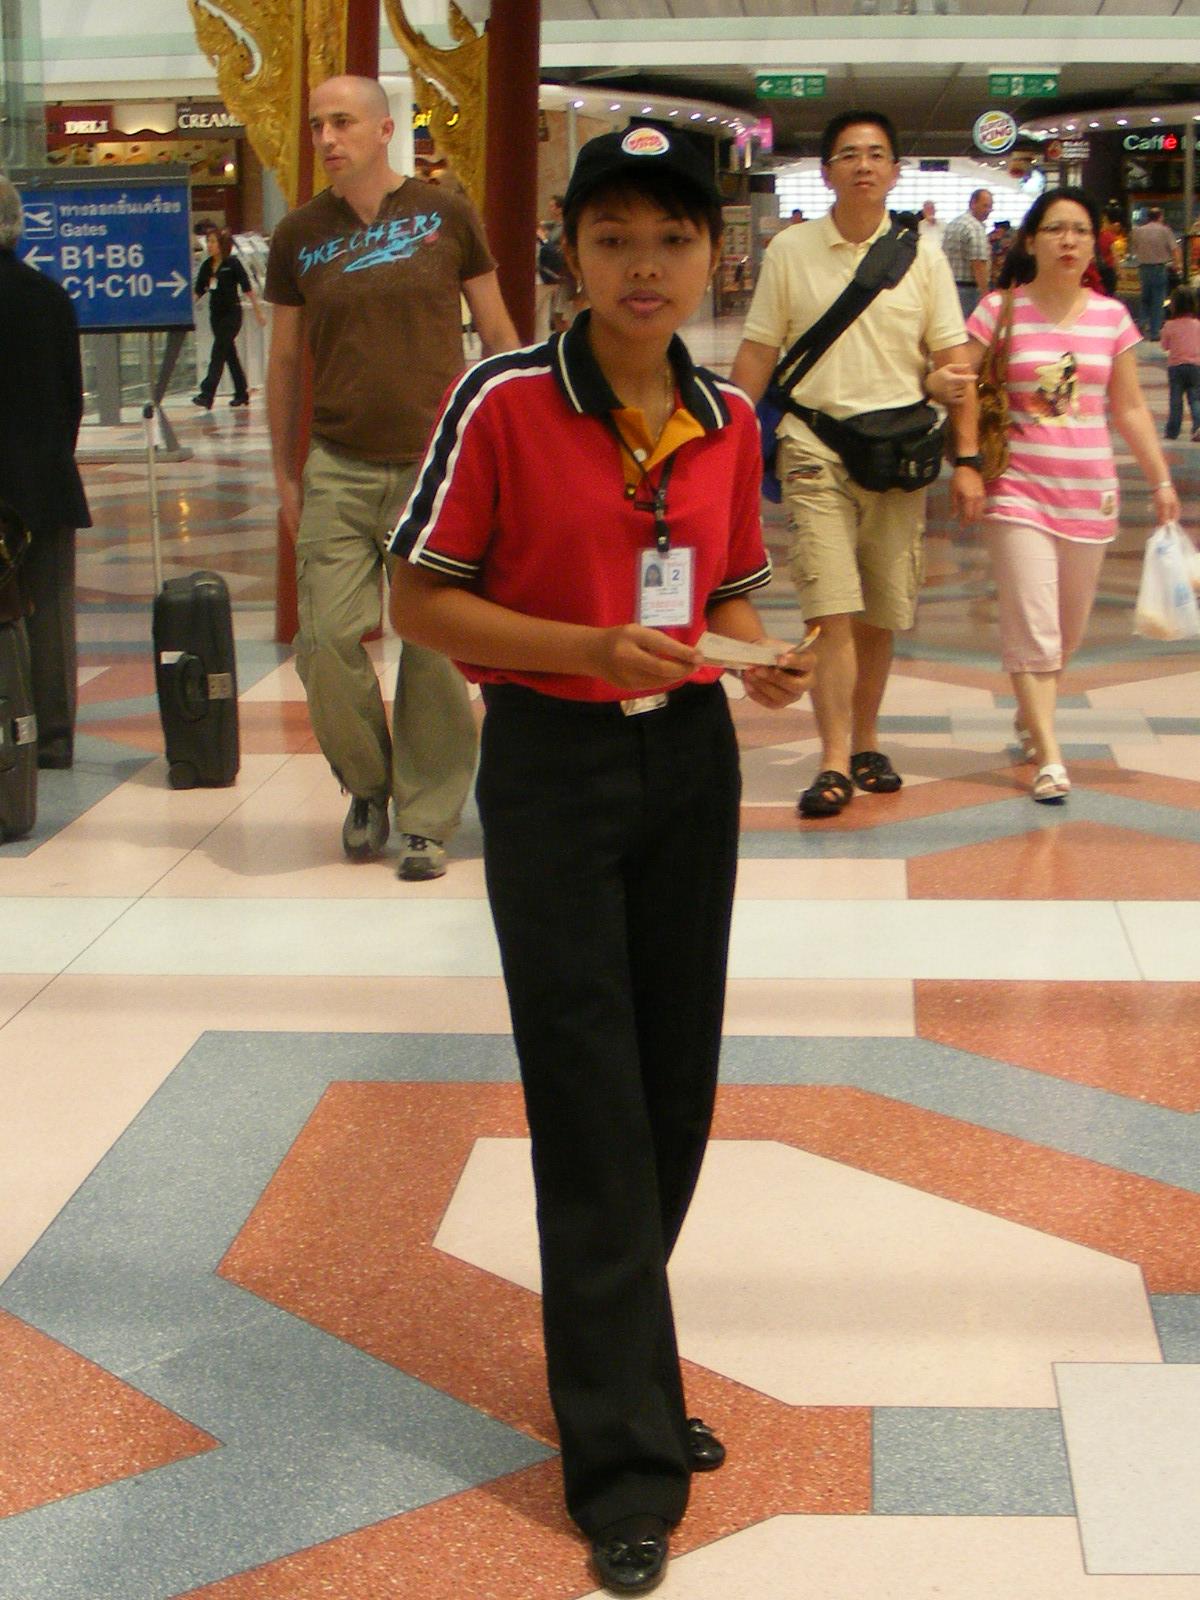 File:Female Burger King employee Suvarnabhumi Airport Thailand.JPG ...